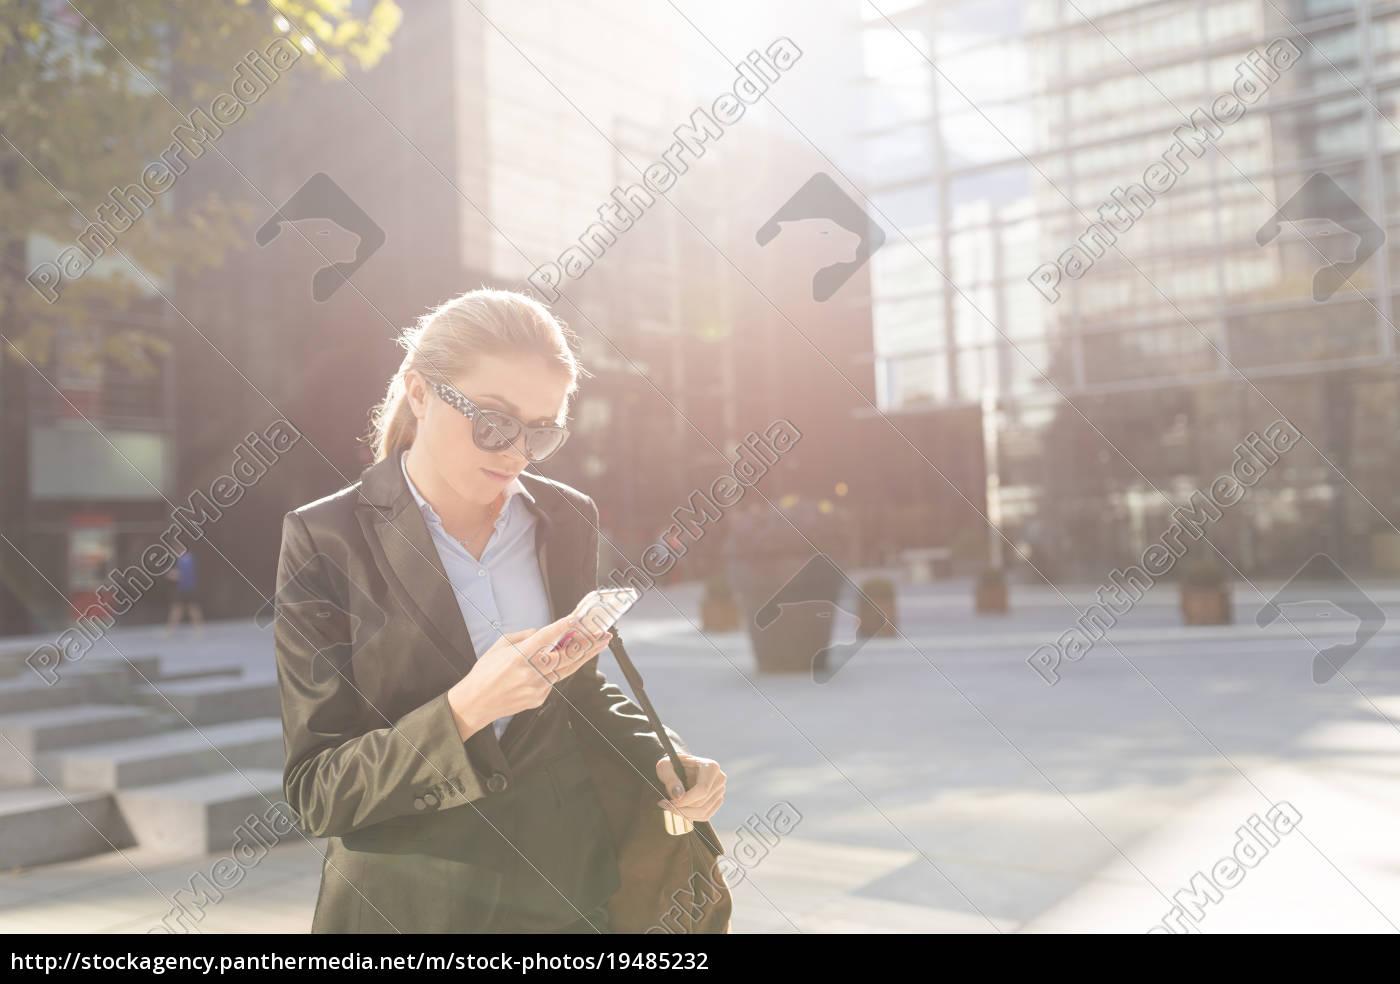 junge, geschäftsfrau, außerhalb, des, stadtbüros, lesen - 19485232